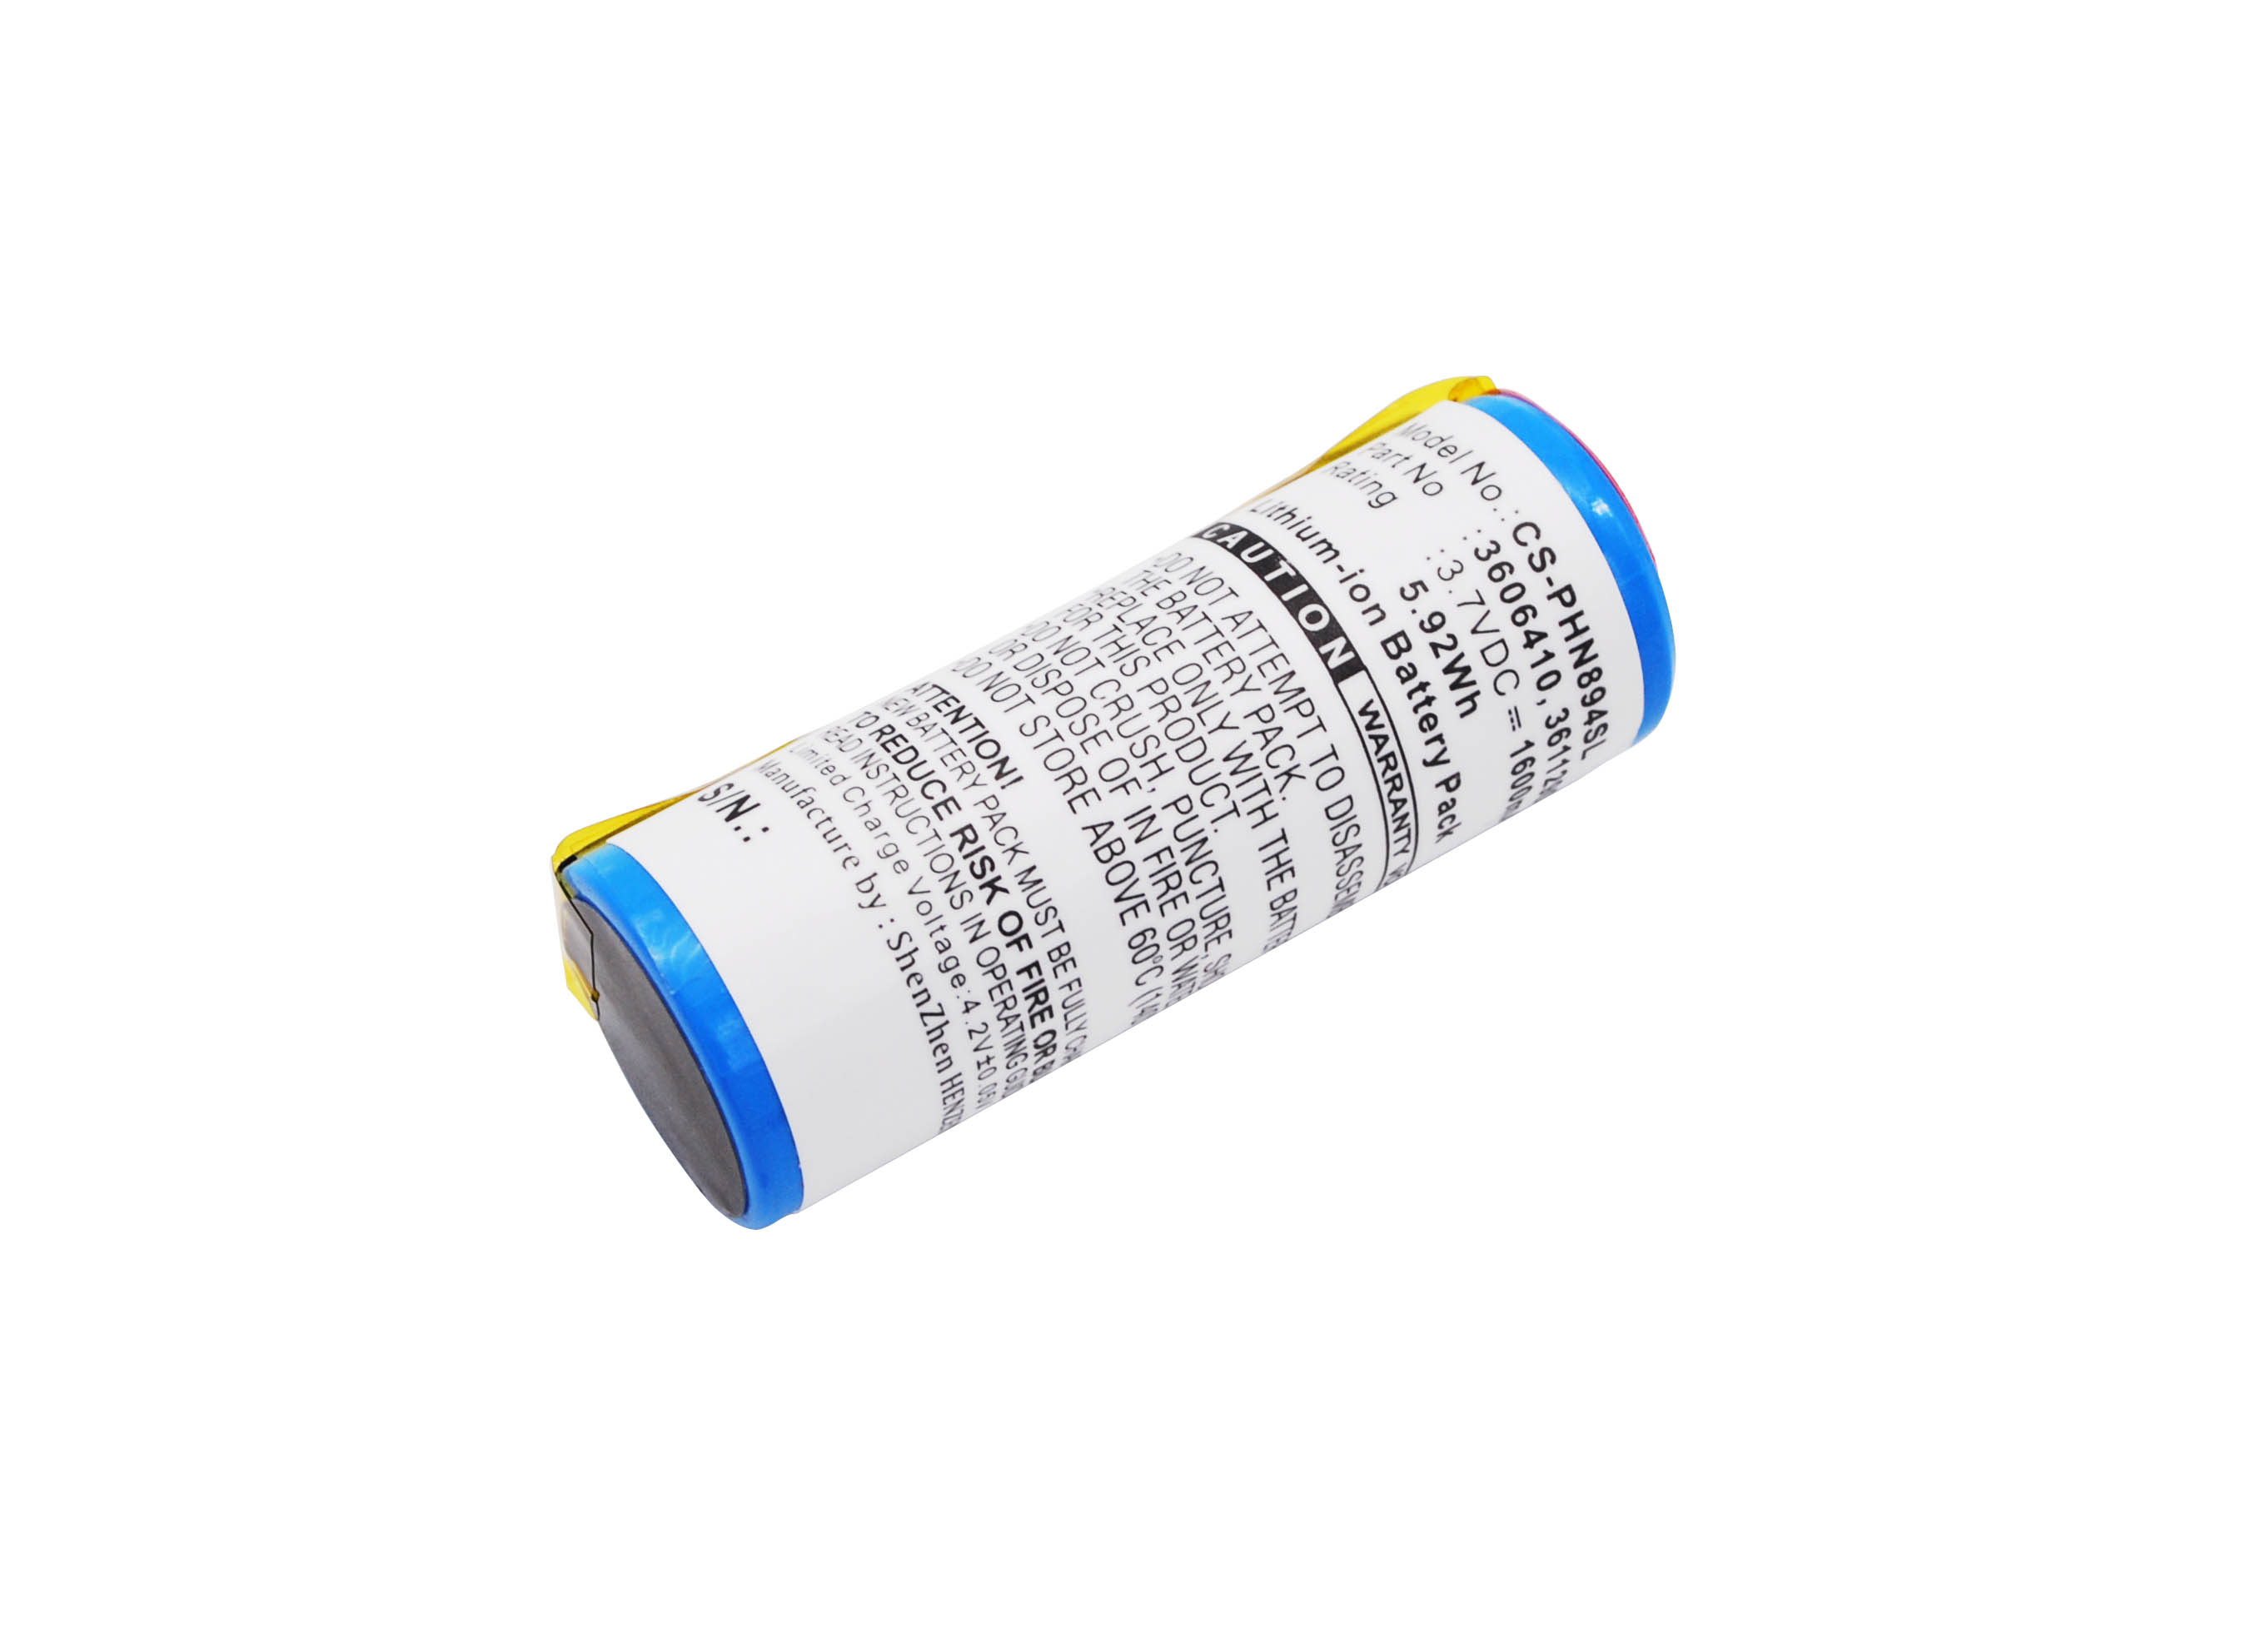 Cameron Sino baterie do holicích strojků pro BRAUN 760CC 3.7V Li-ion 1600mAh modrá - neoriginální